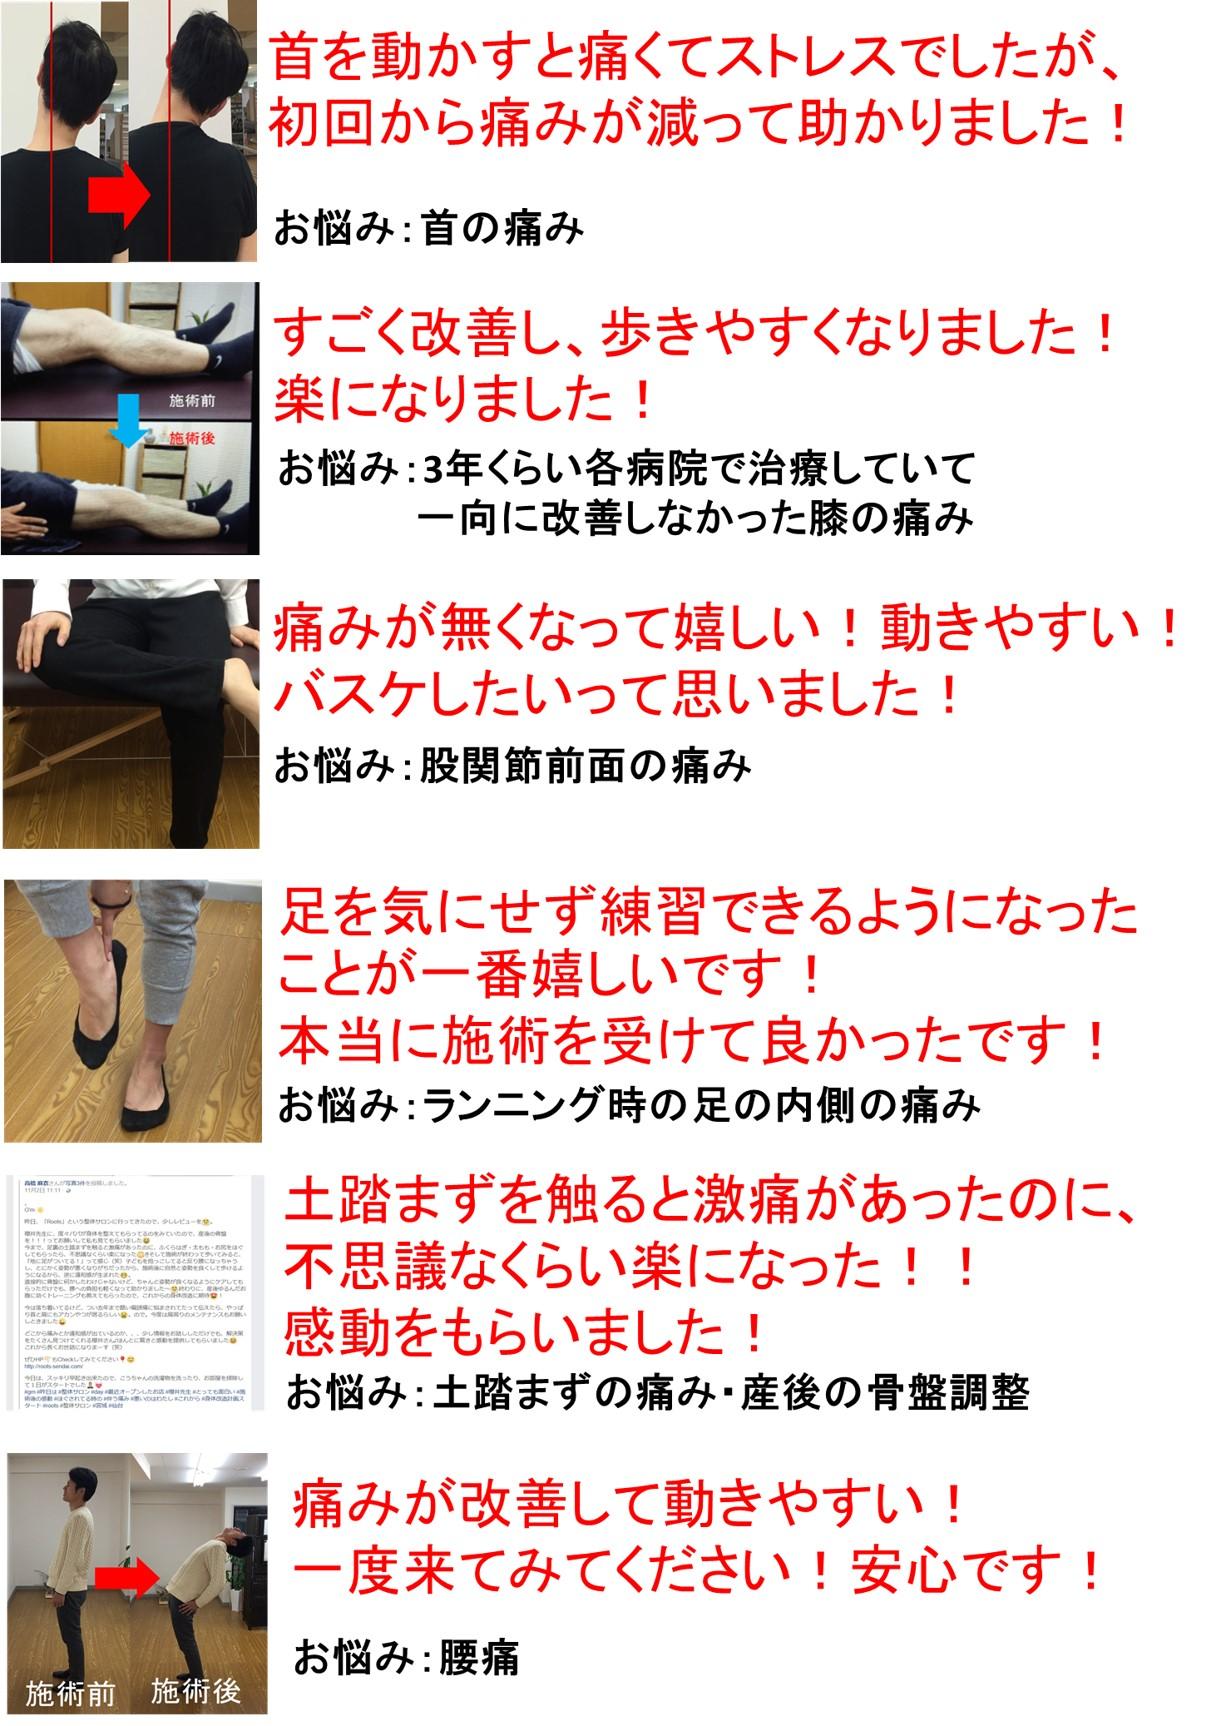 仙台の整体で膝の痛みに筋膜を施術するルーツのお客様